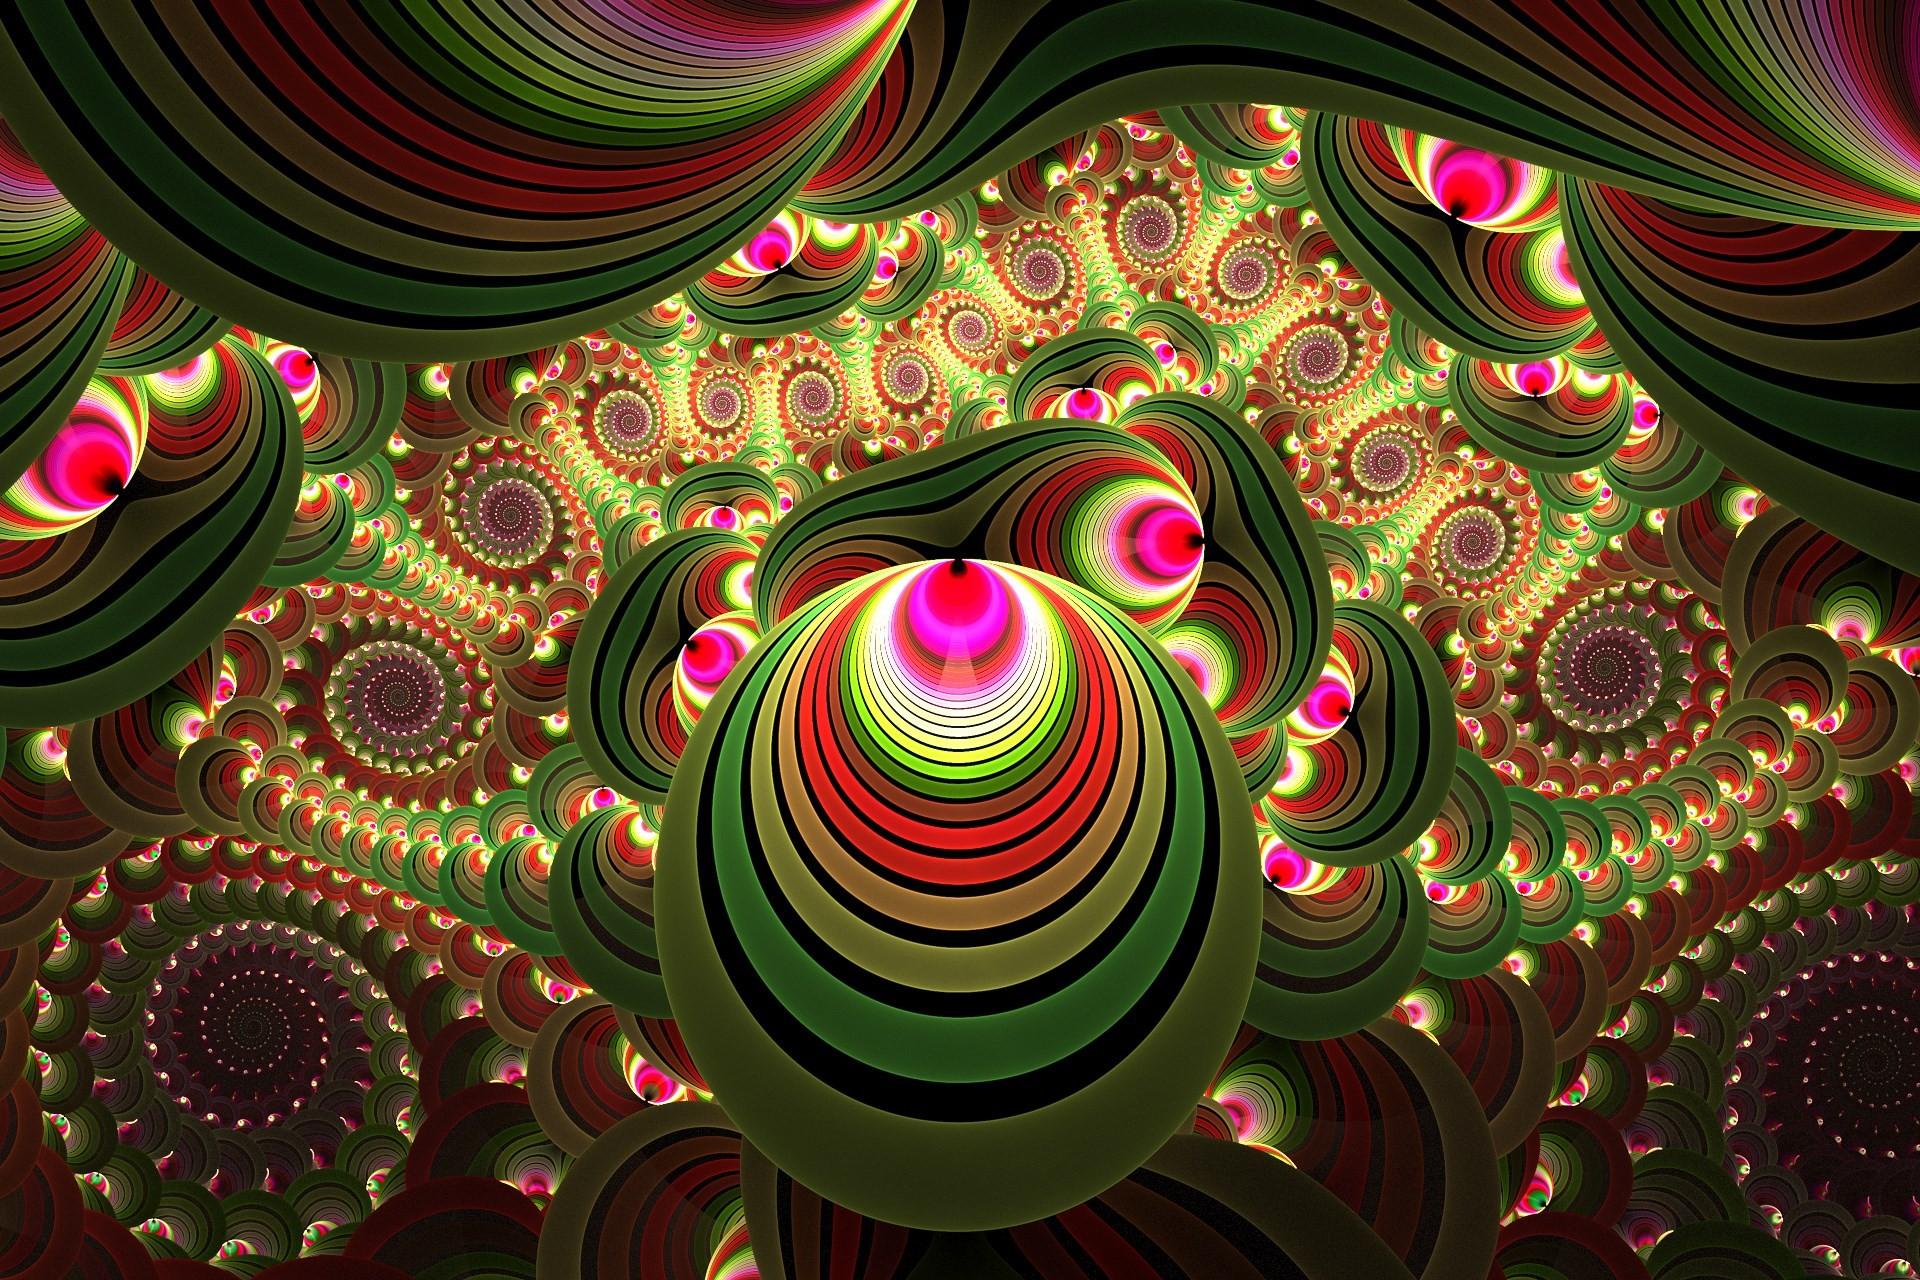 Amazing Wallpaper Macbook Hippie - 116270-beautiful-hippie-backgrounds-1920x1280-for-windows-10  Snapshot_18248.jpg